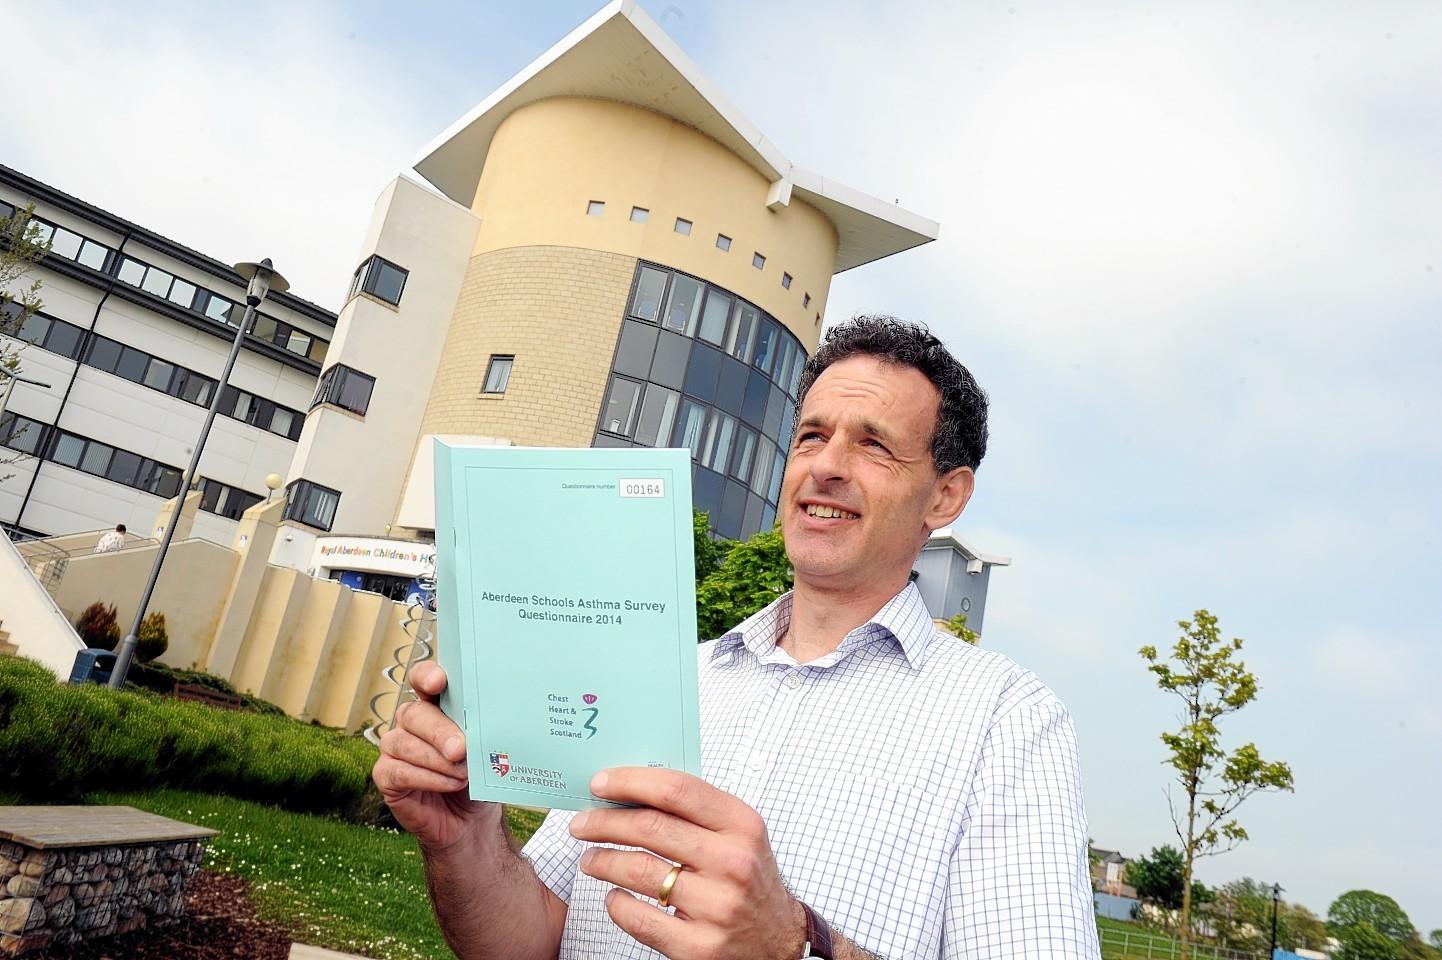 Dr Steve Turner, senior clinical lecturer in child health